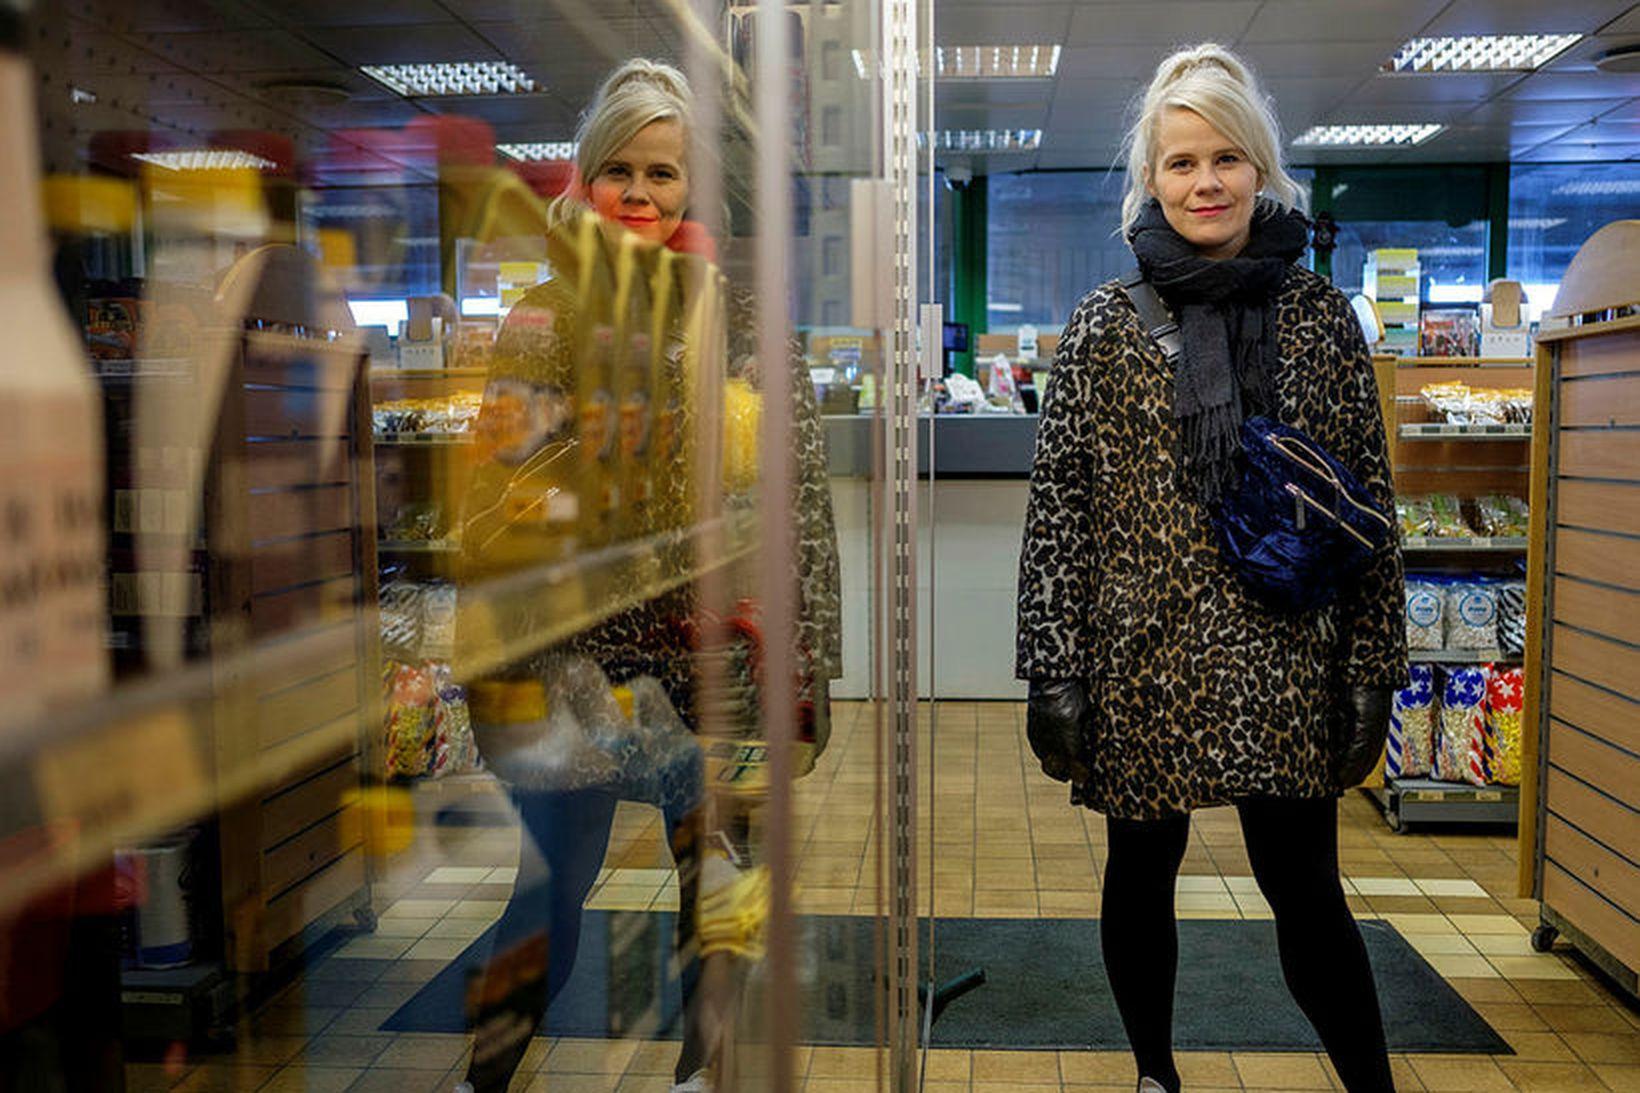 Kamilla Einarsdóttir segir að rómantíkin sé stórlega ofmetin.